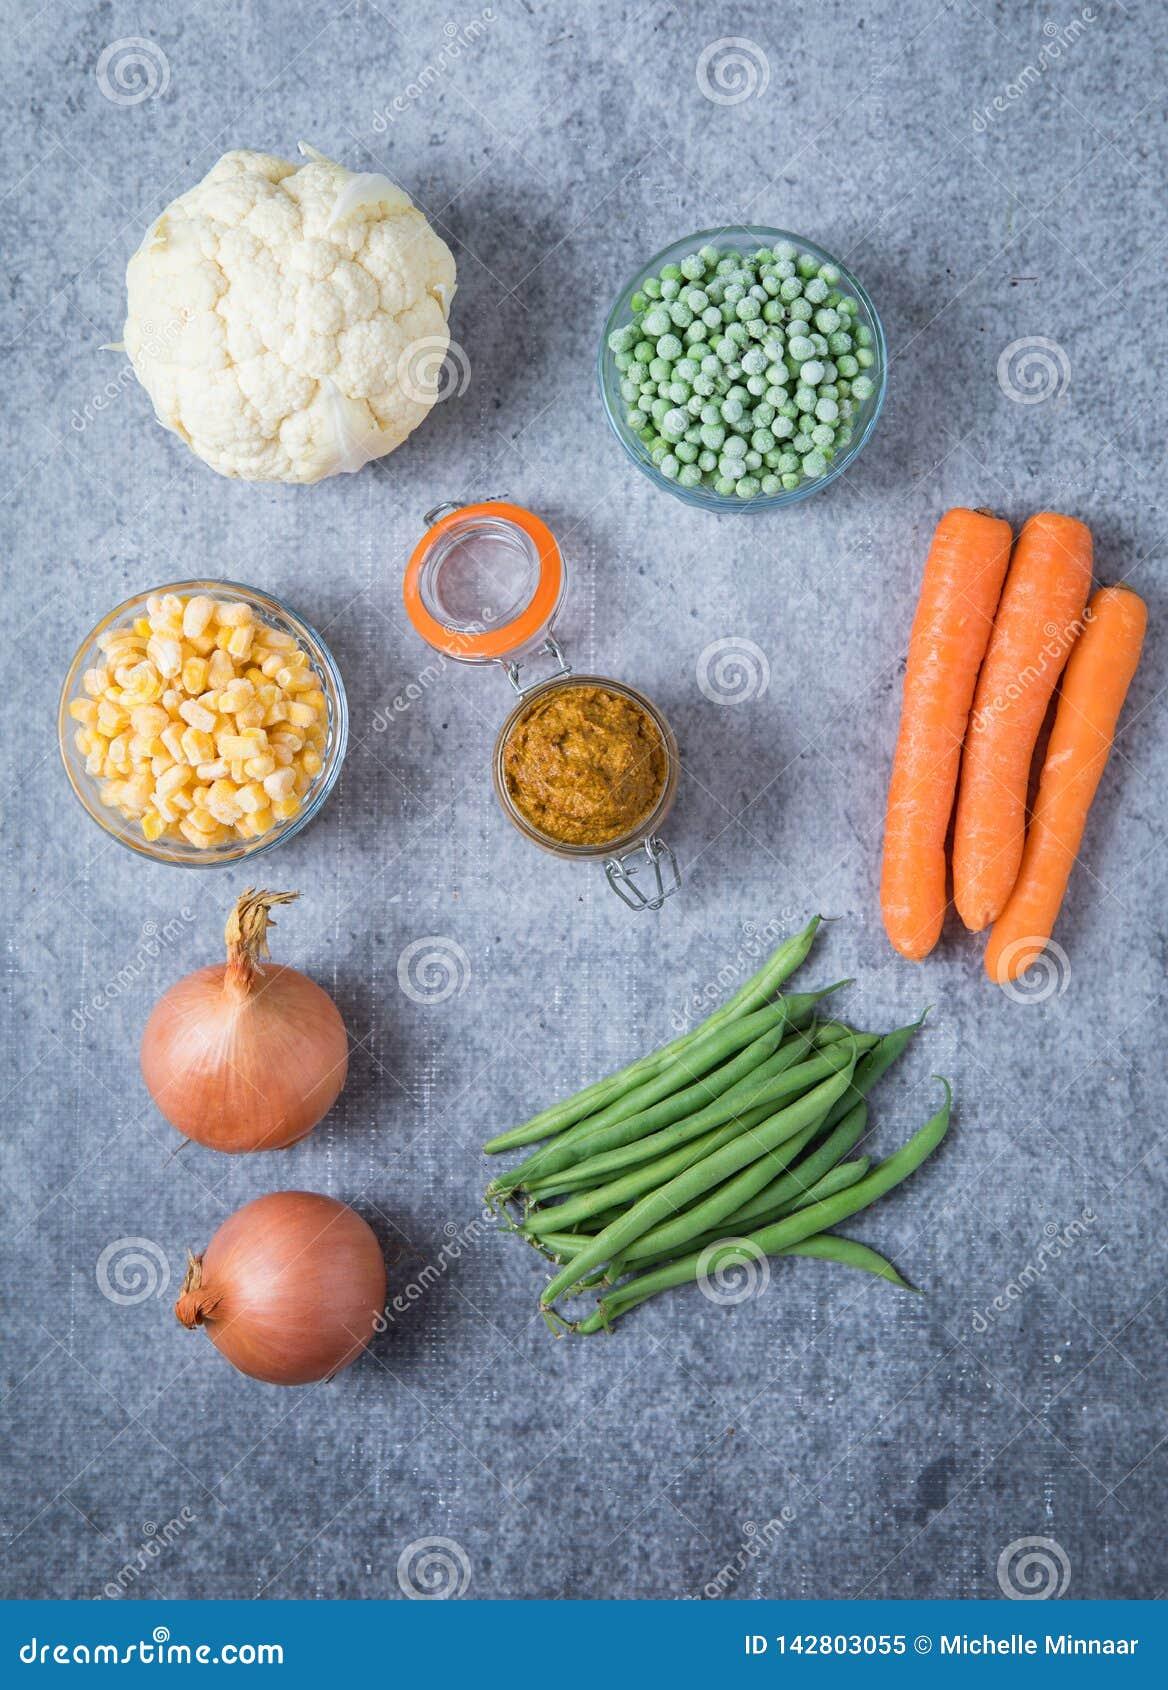 19+ 8 Cauliflower Carrot Green Beans Mix Photos   Free & Royalty ... Bilder